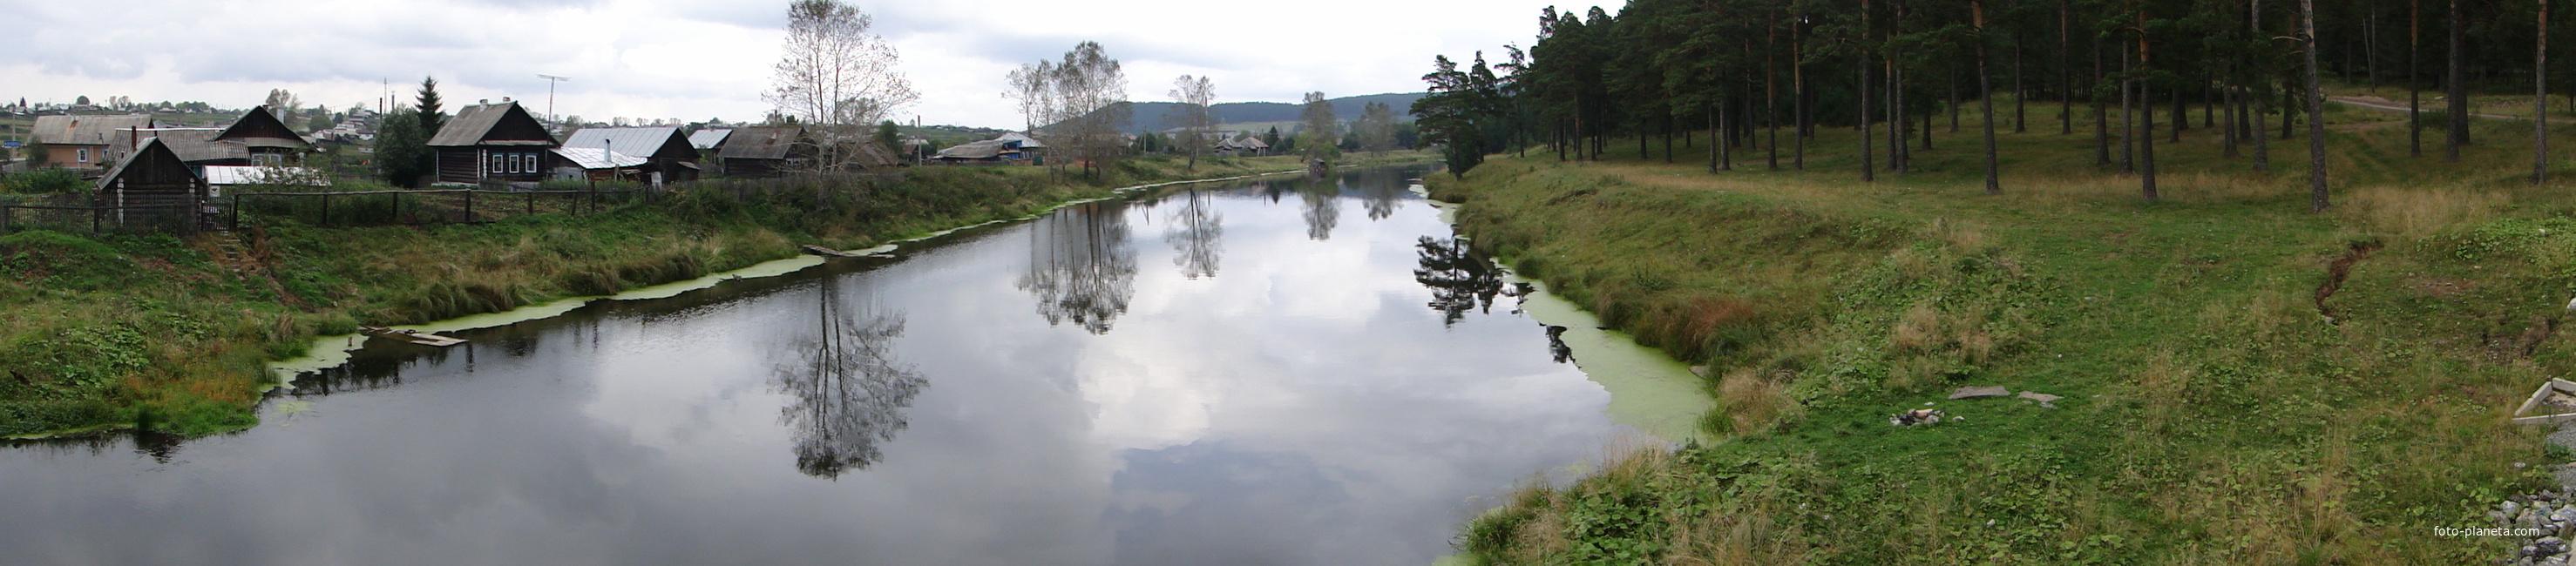 рыбалка в нижнем уфалее челябинская область